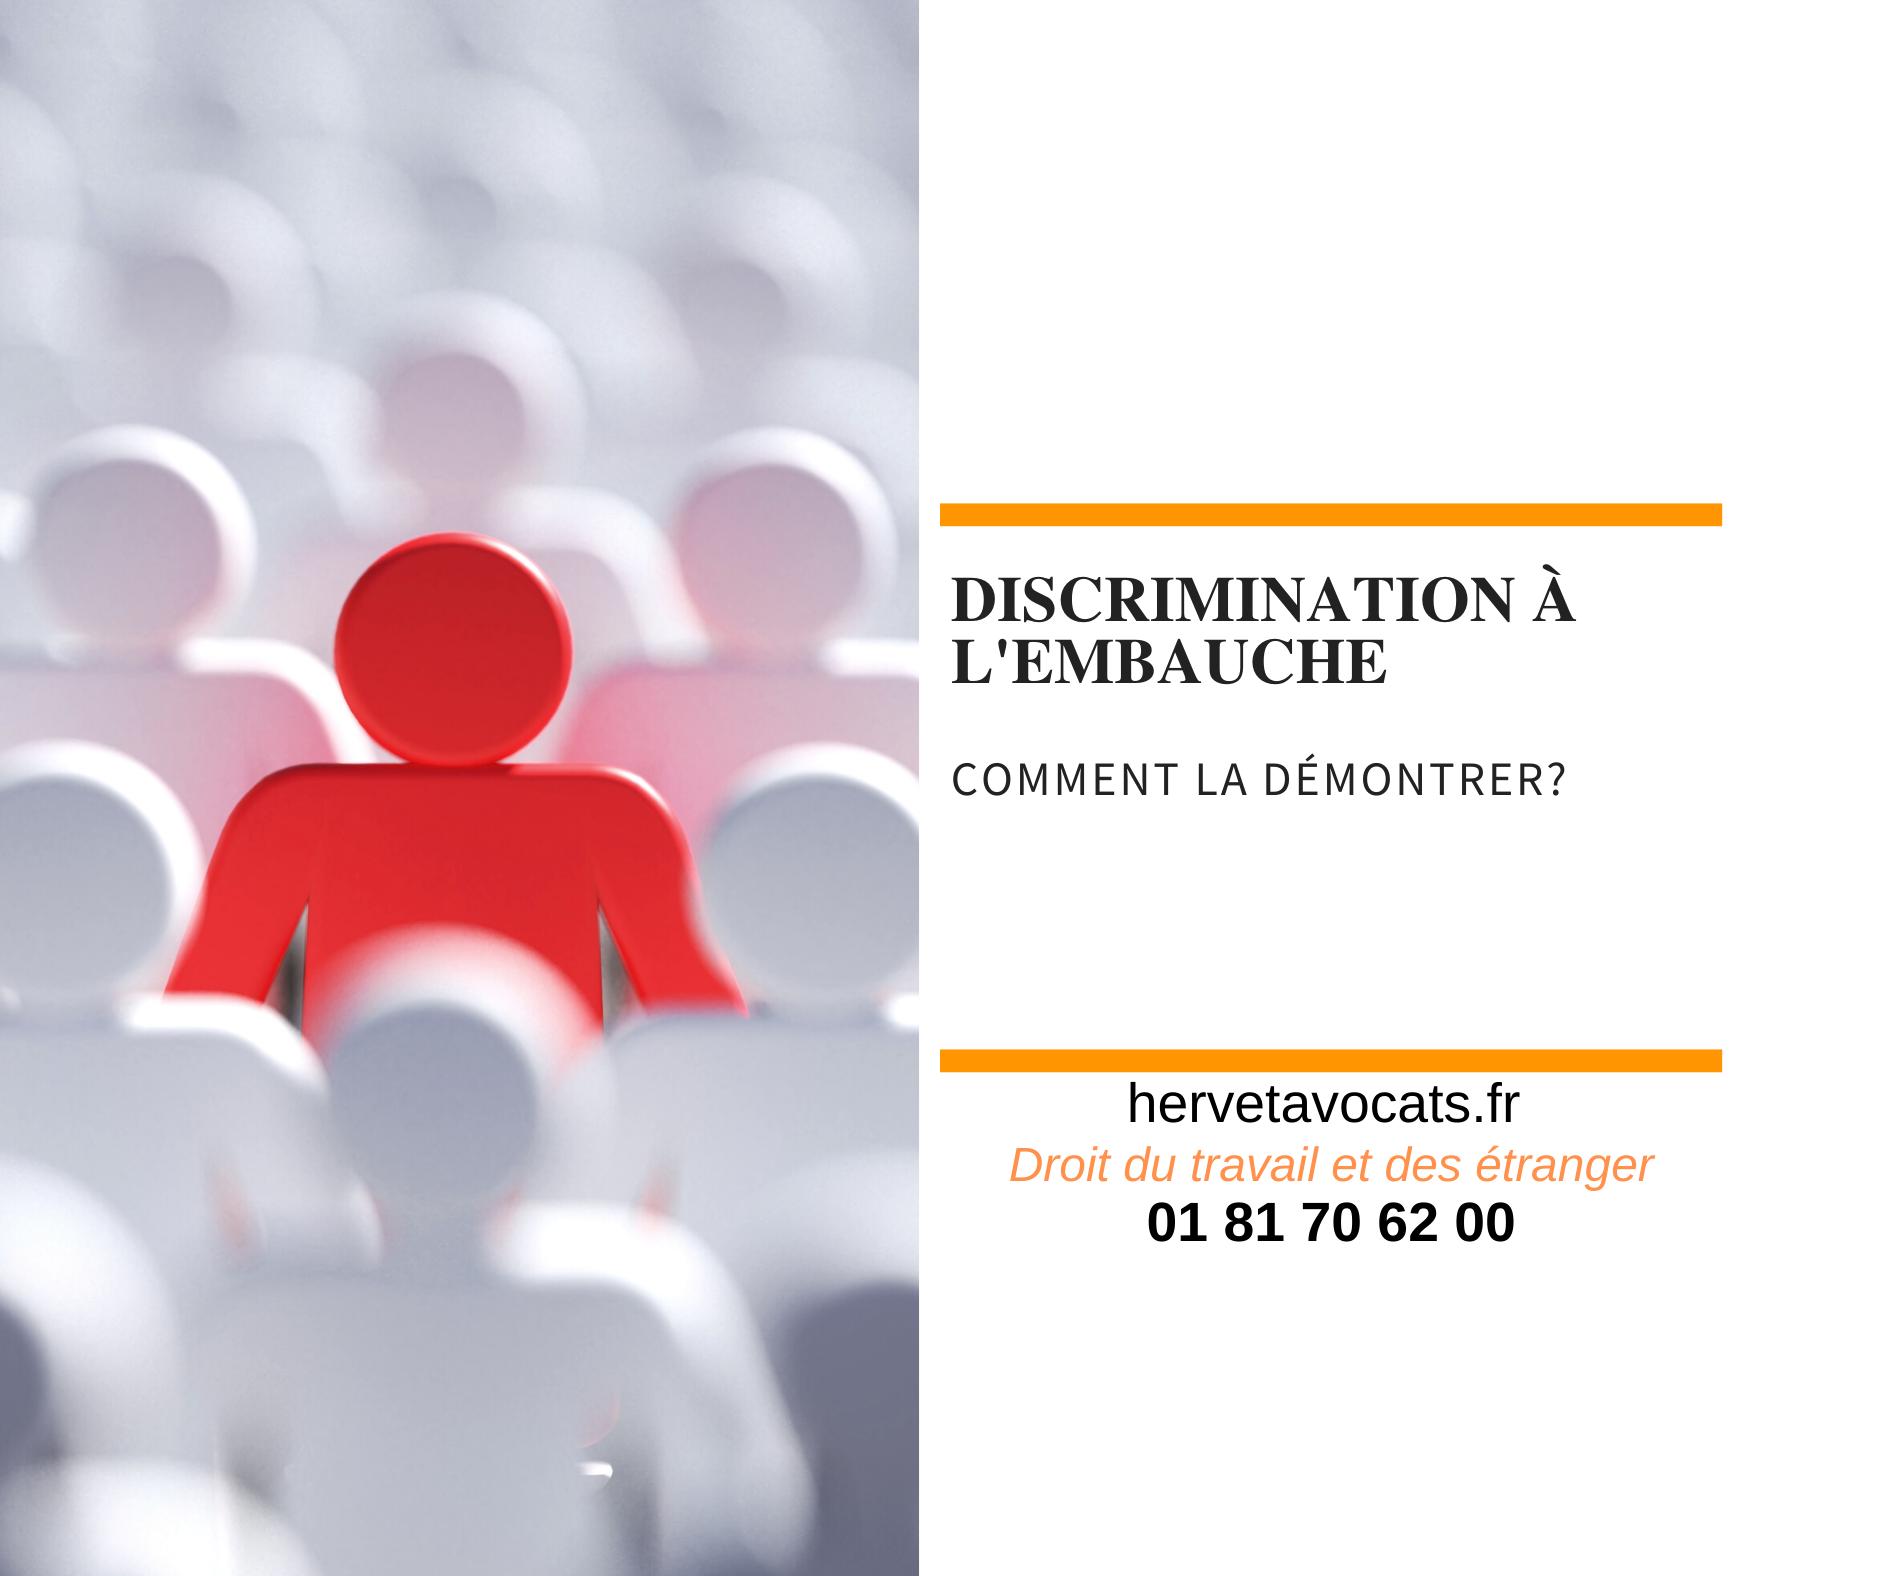 Quand peut-on considérer qu'il y a une discrimination à l'embauche ?